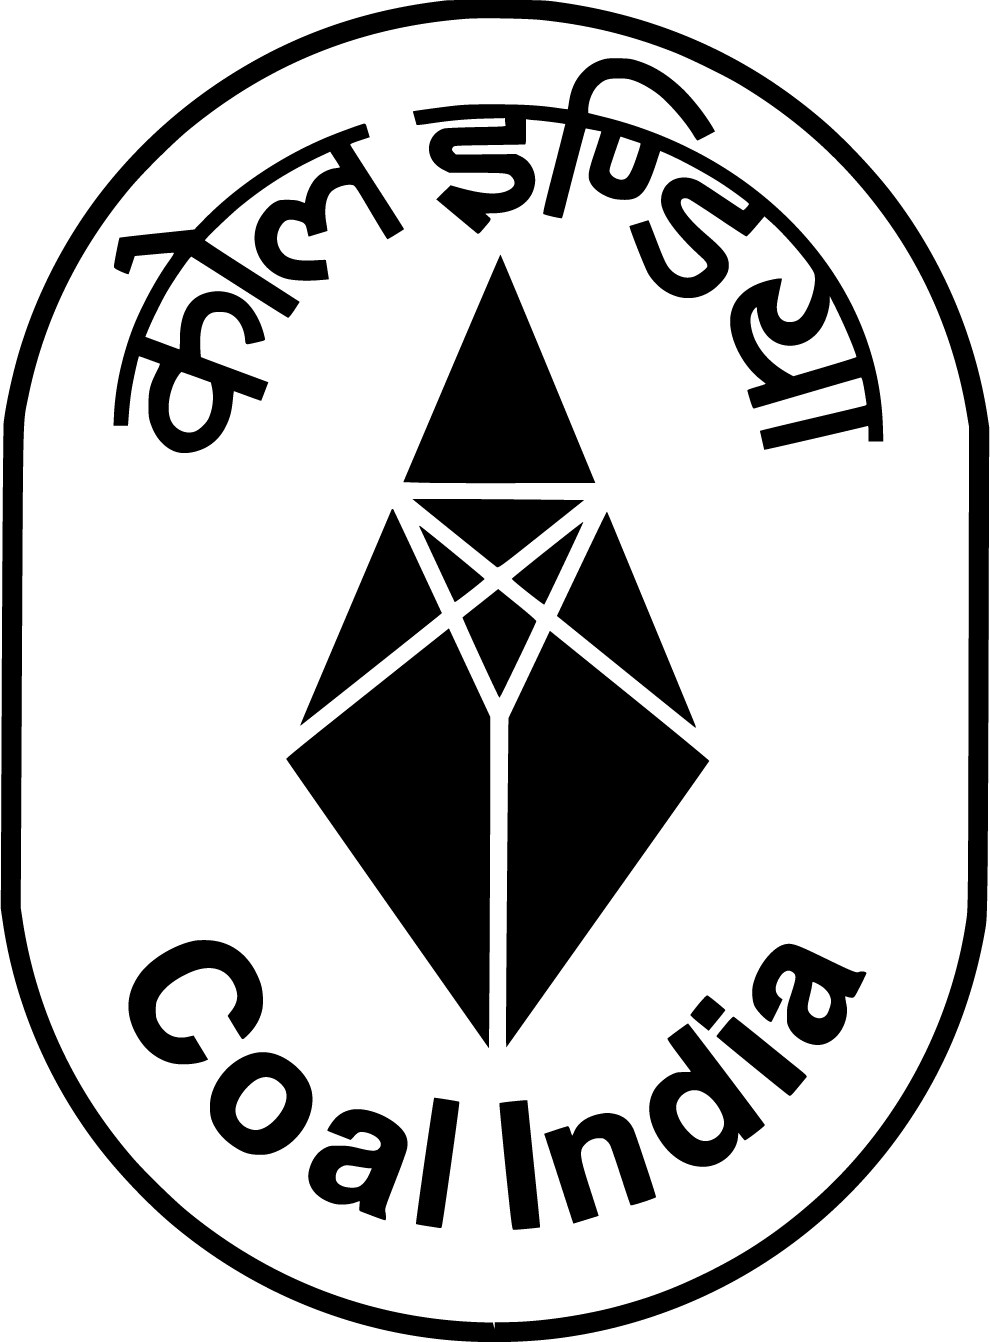 Coal India Logo png